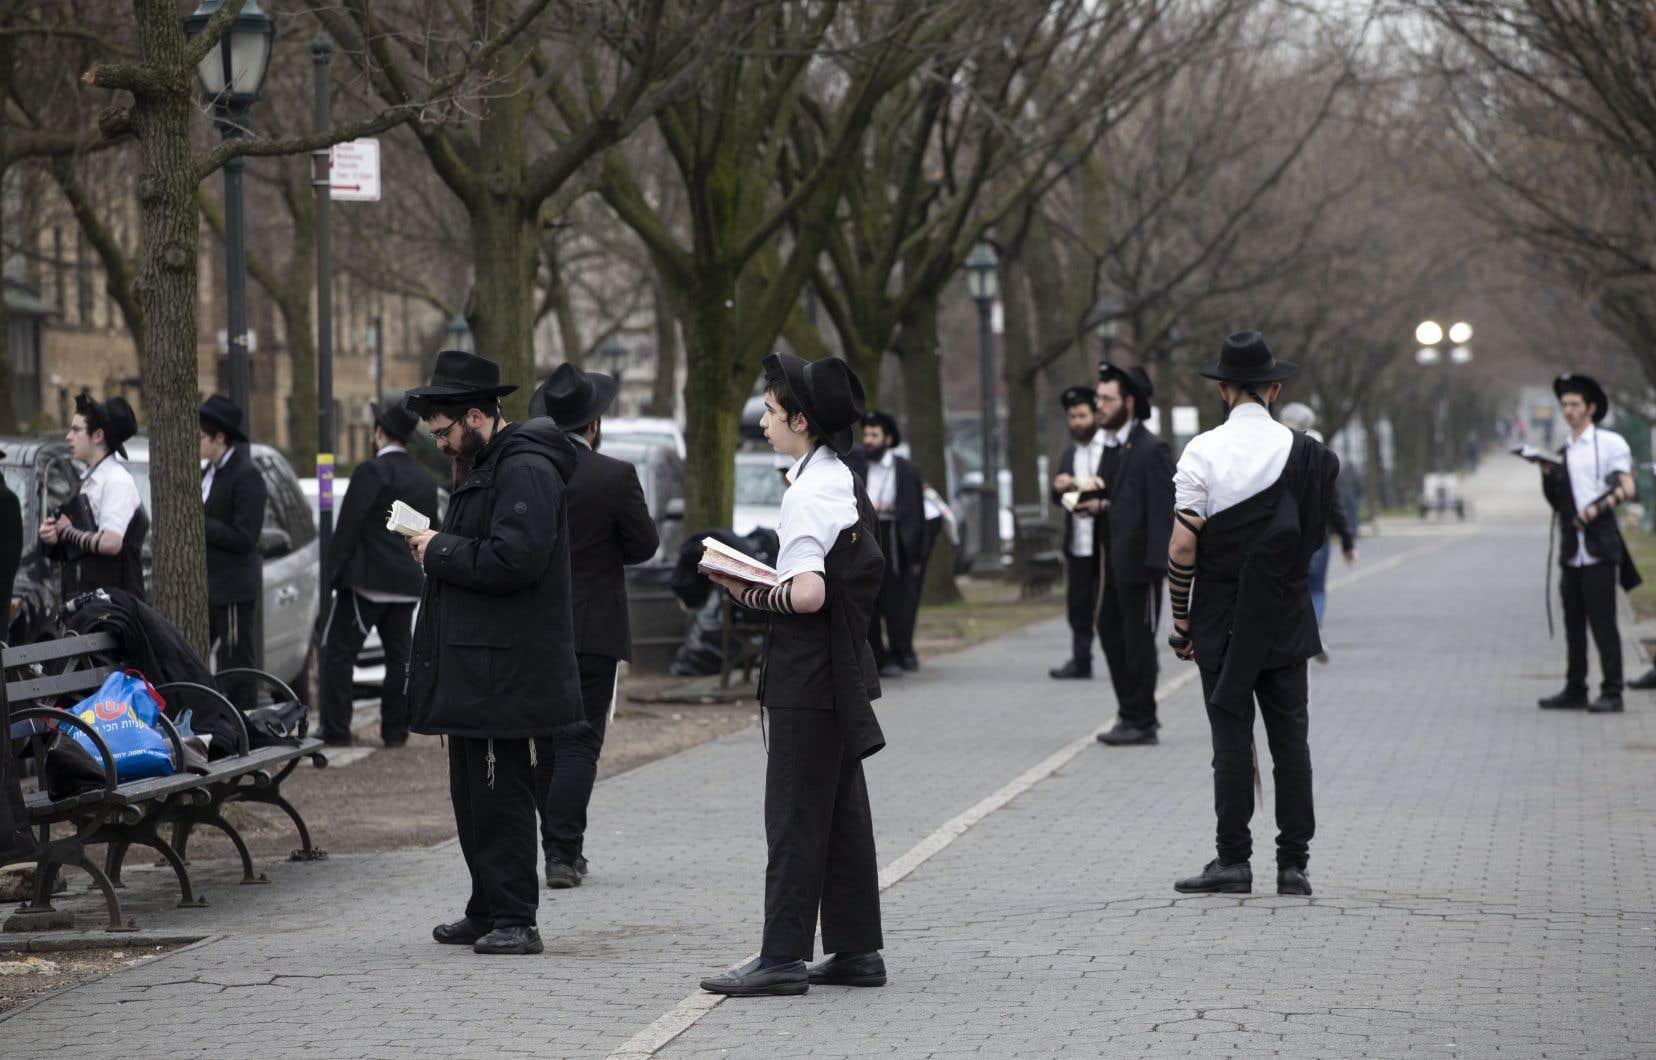 «L'hypothèse la plus probable» est que certains membres de la communauté aient été infectés lors d'un voyage à New York il y a deux semaines et demie pour célébrer la fête de Pourim, a expliqué Abraham Ekstein, un porte-parole du comité d'intervention juif COVID-19.